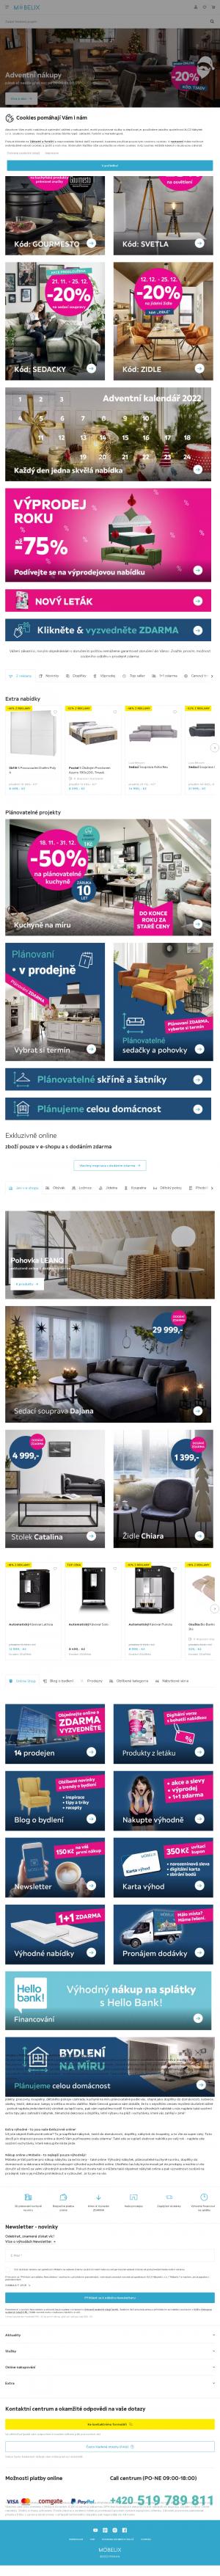 Vzled internetové stránky obchodu Möbelix